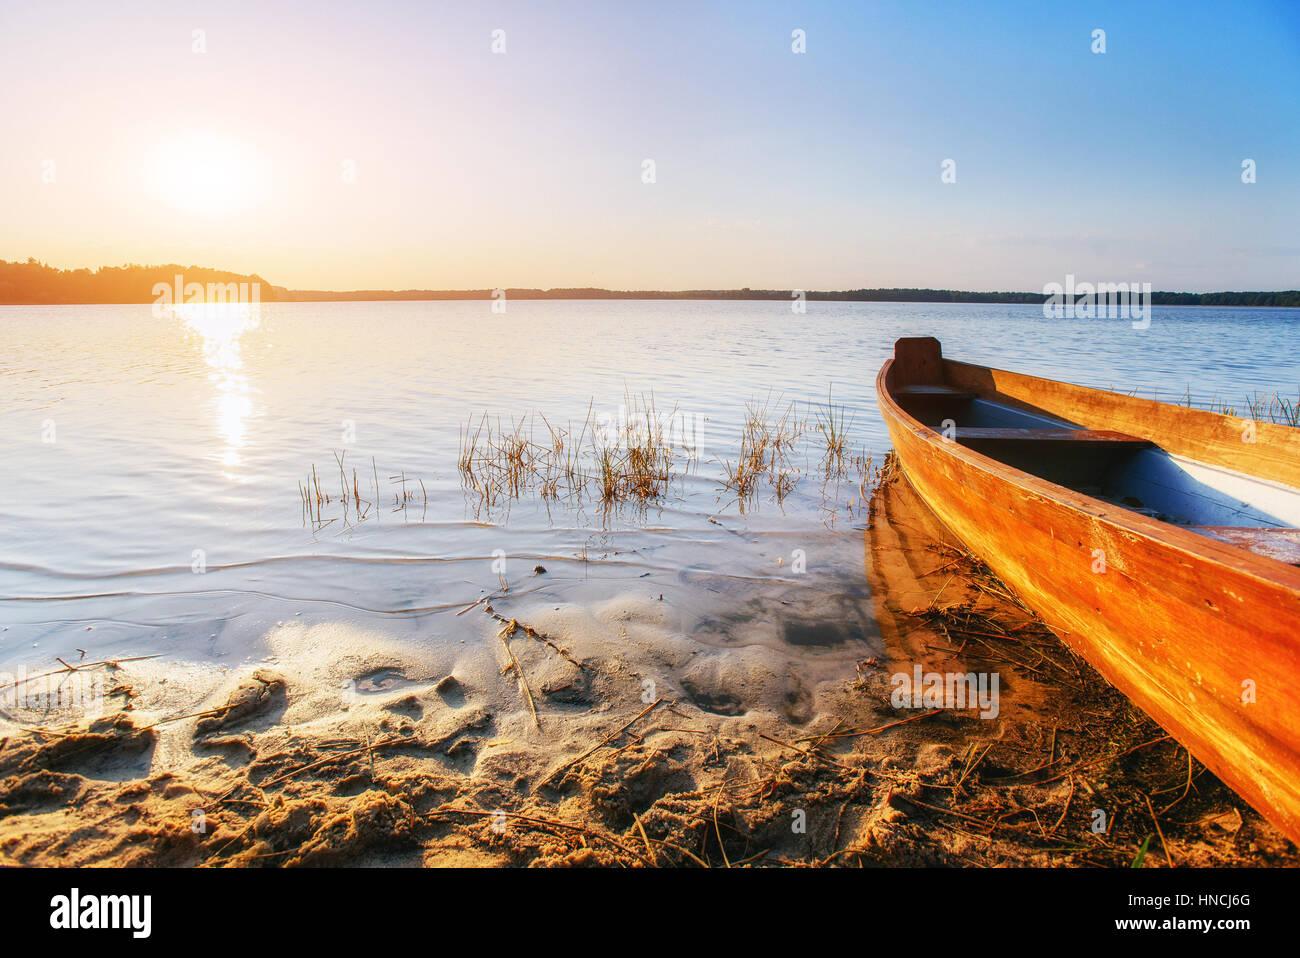 En barco por el lago al atardecer Imagen De Stock